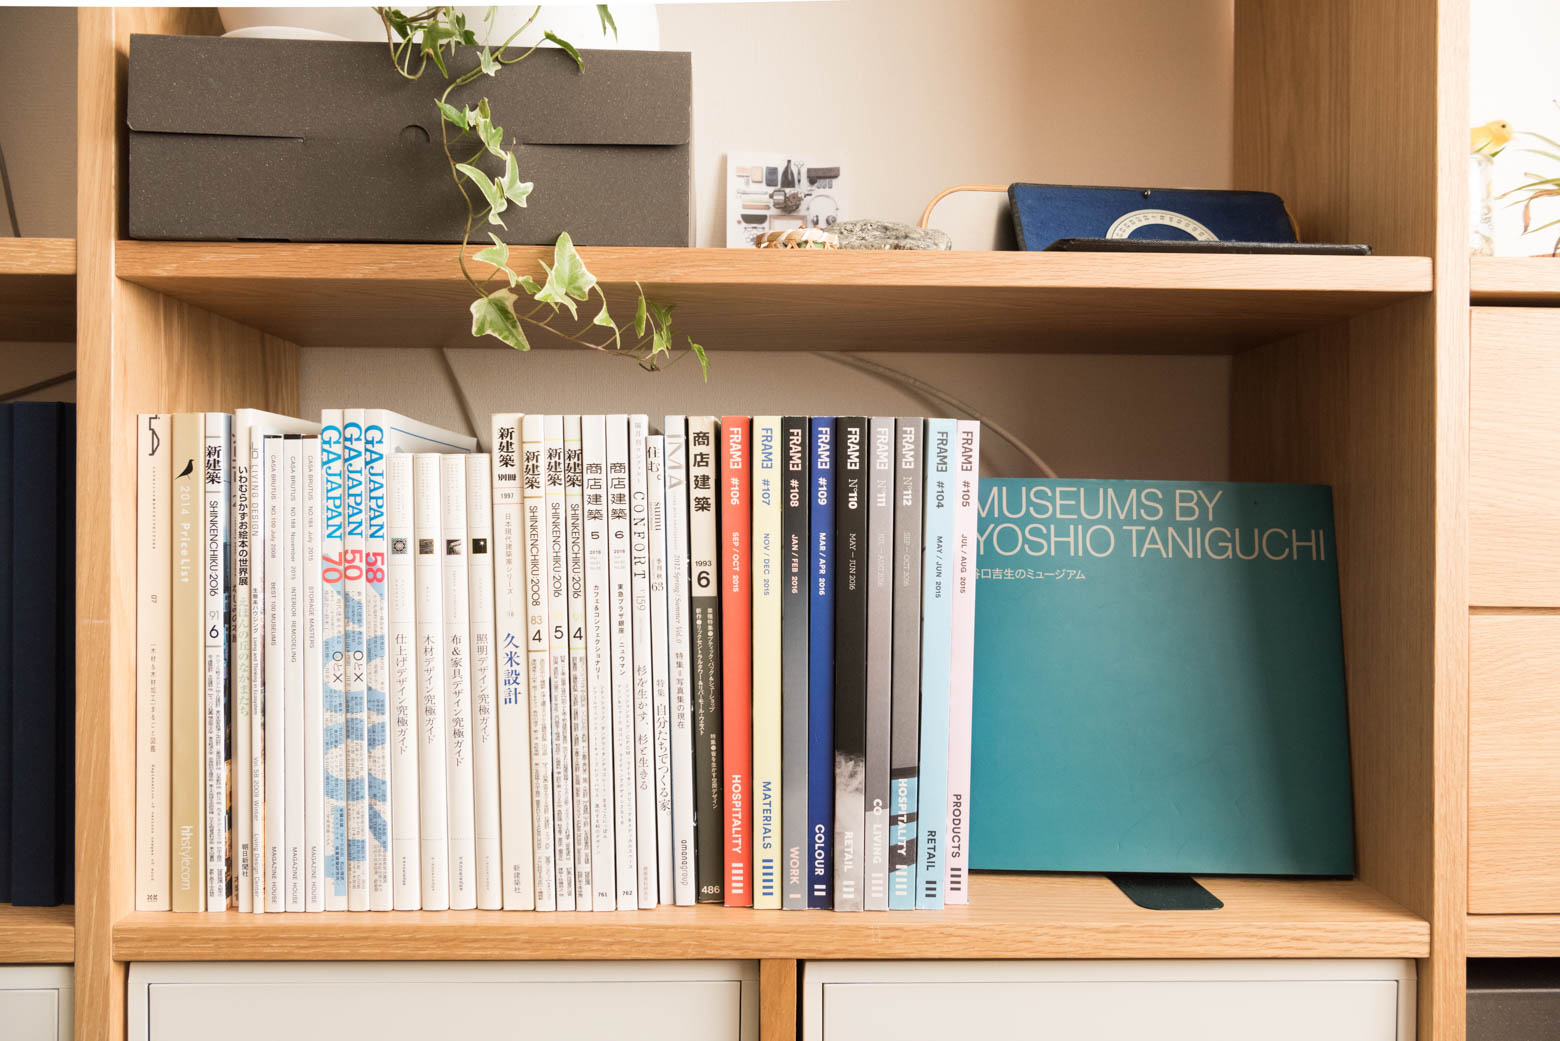 ごちゃごちゃになりがちな(少なくともぼくの場合はそう)本・雑誌類もすっきり。